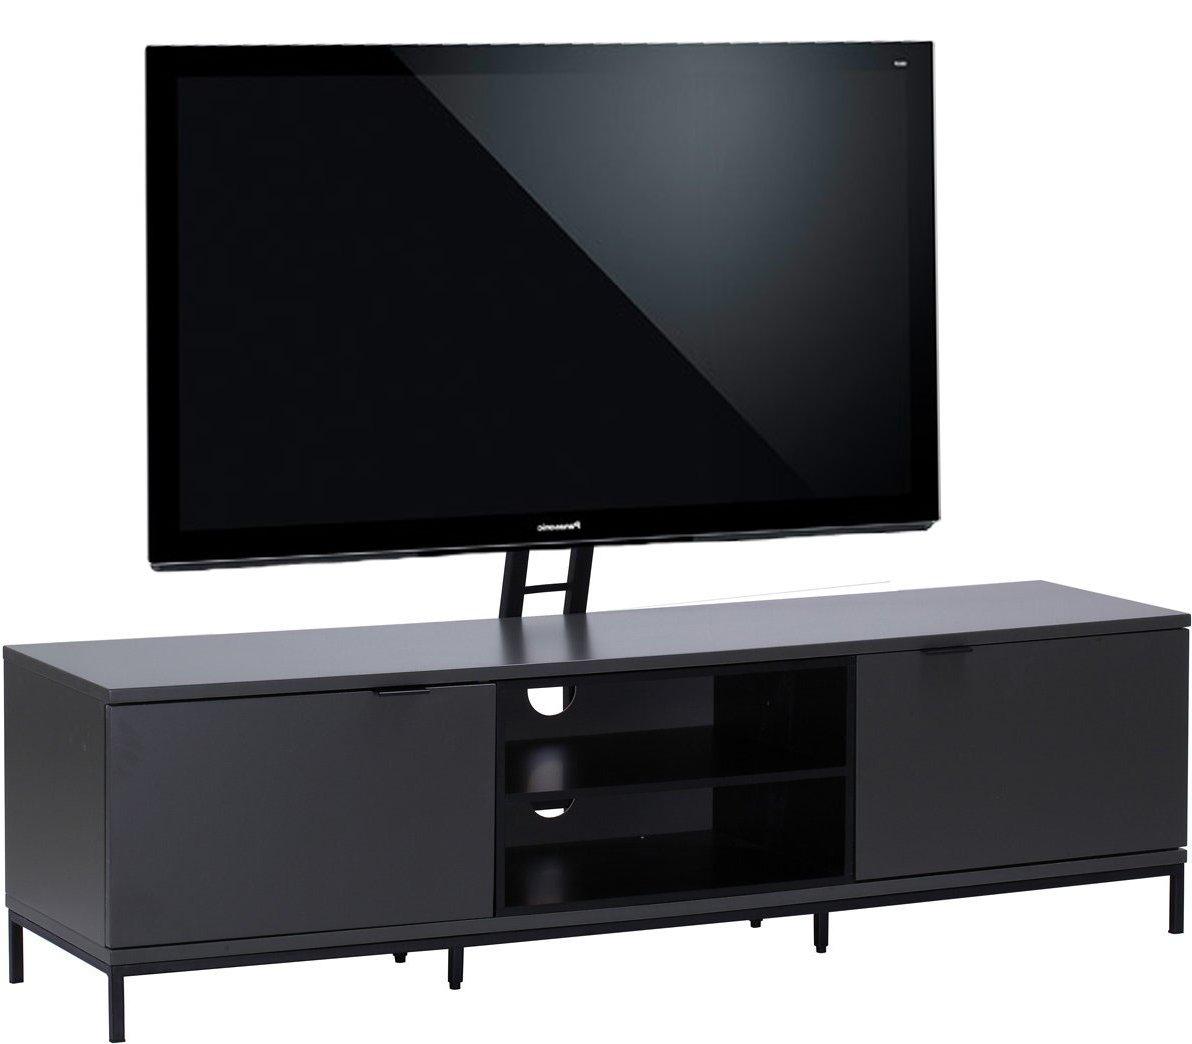 Alphason Adch1600 Ch Bkt Tv Stands